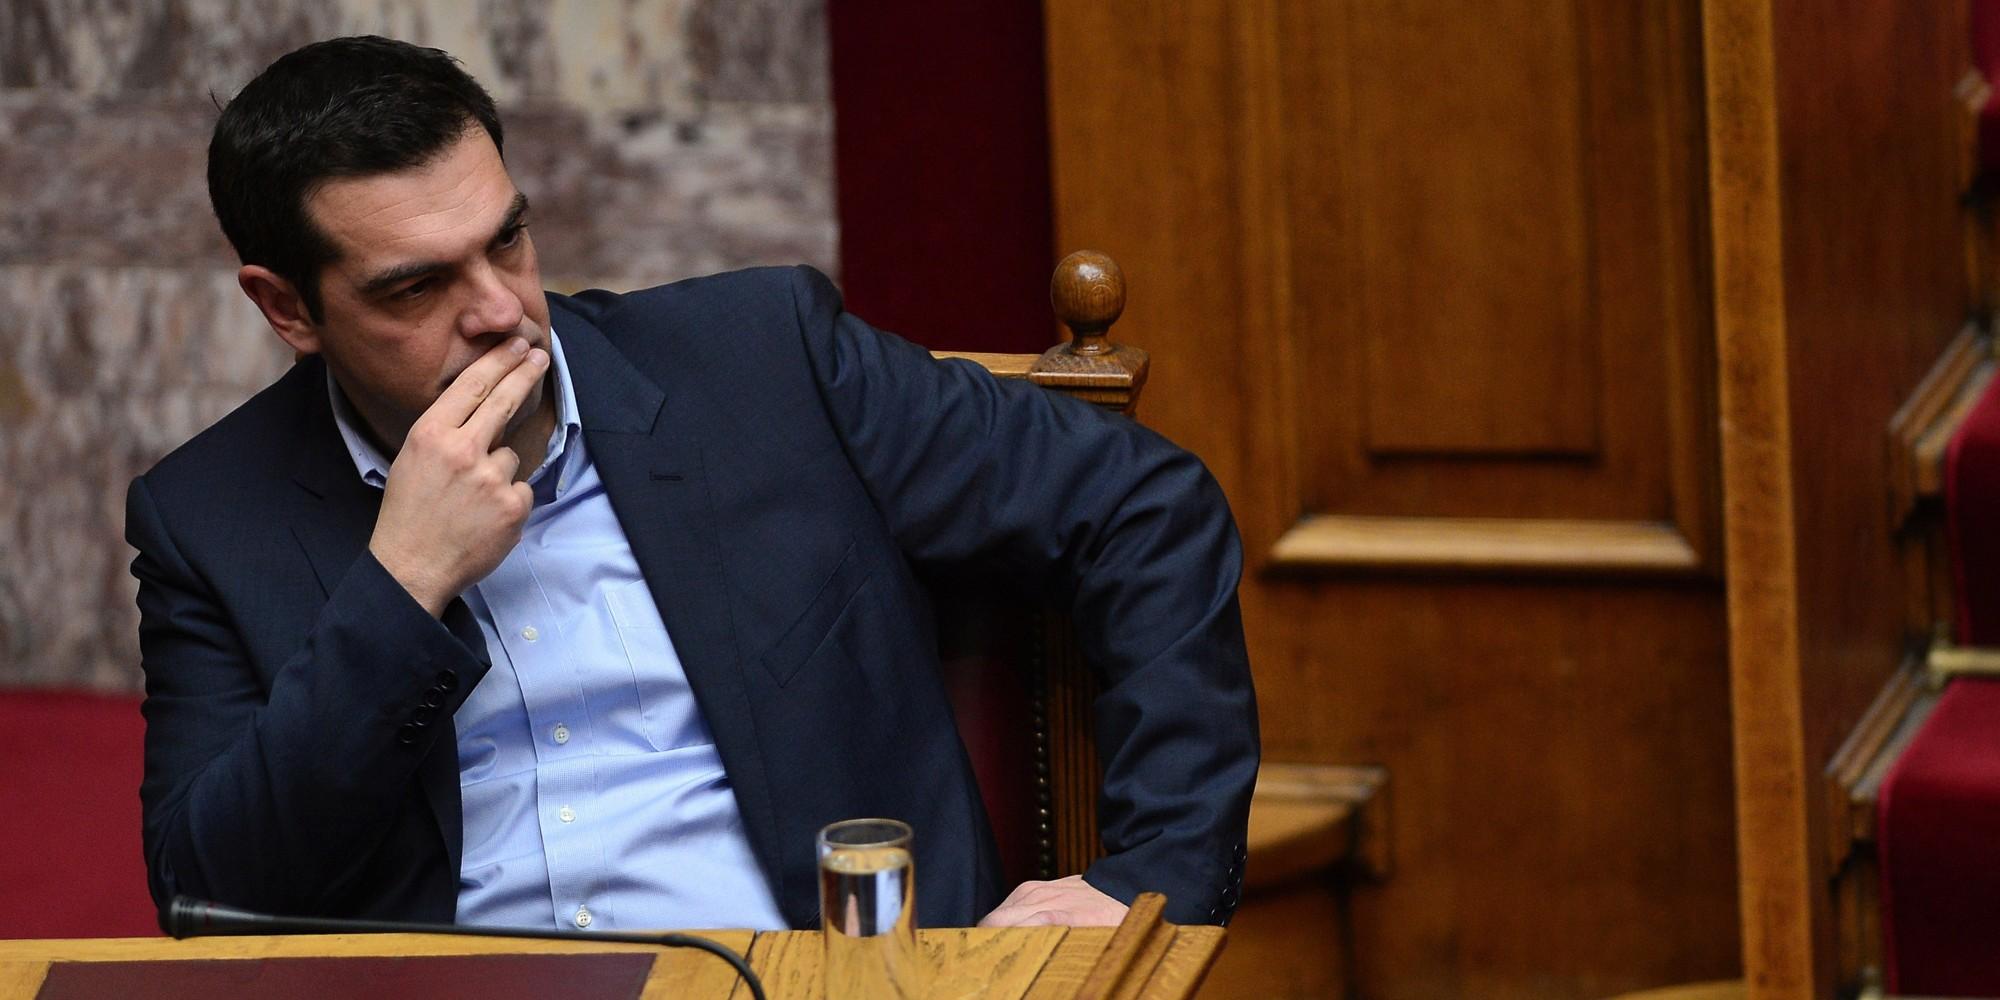 Μηνύματα ΣΥΡΙΖΑ στους «αντάρτες» του κόμματος για την ταυτότητα φύλου